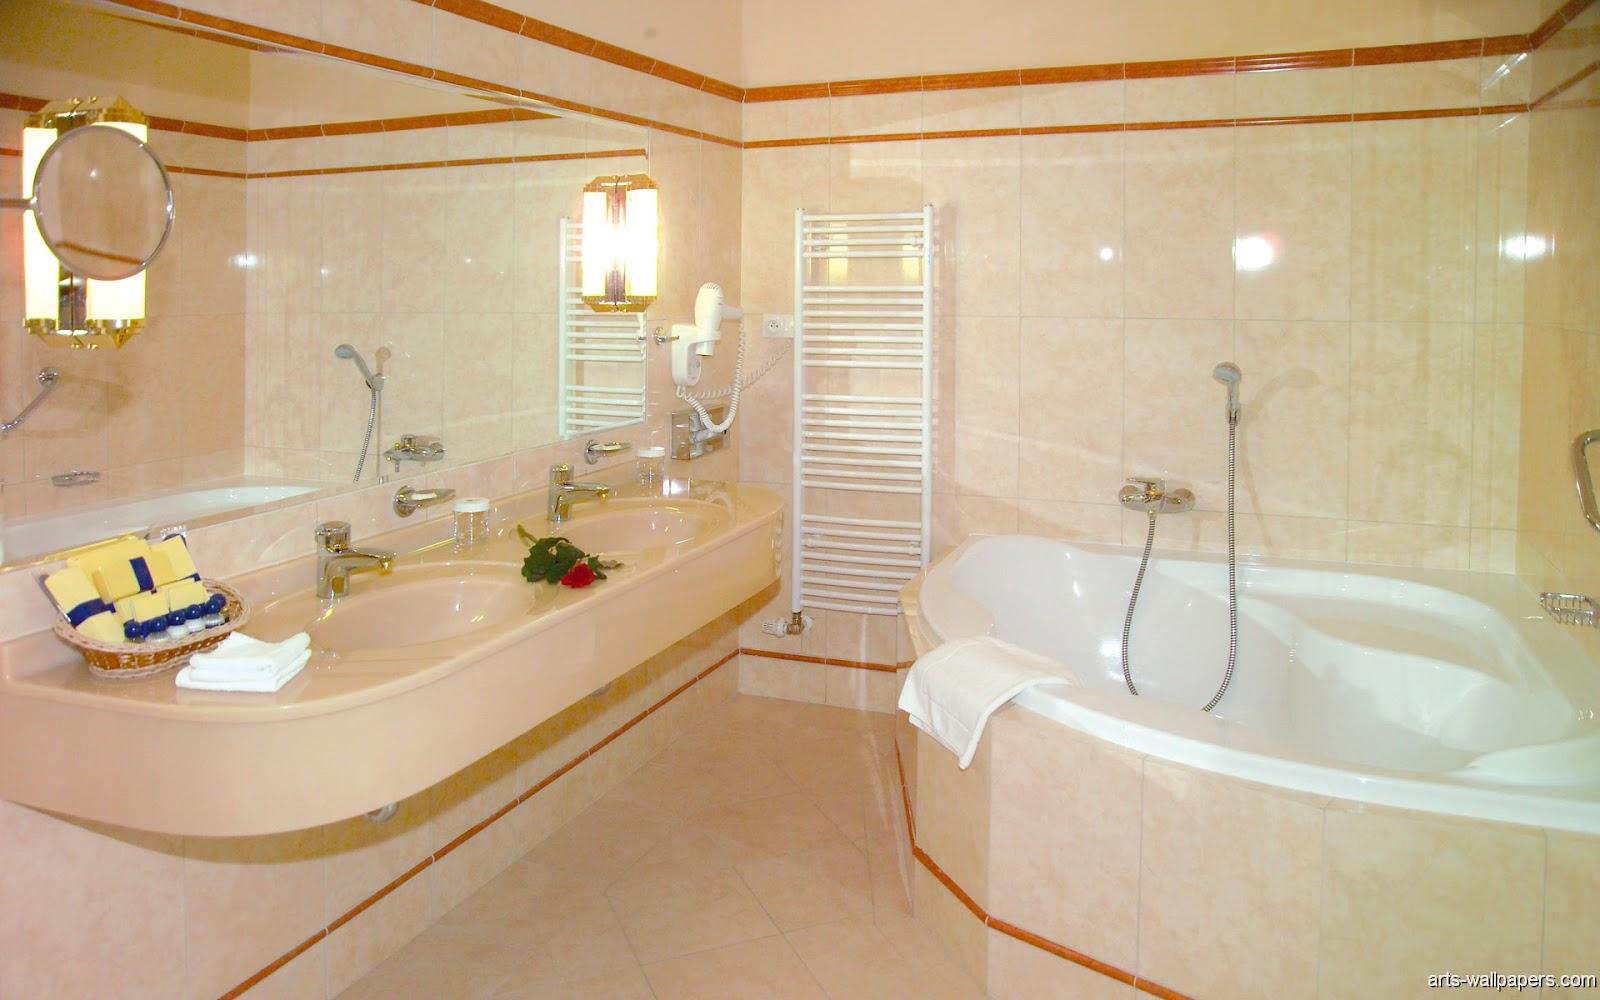 http://4.bp.blogspot.com/-B3YA8abeLHA/T7hnICde8pI/AAAAAAAAMU4/RyohJbxTAiY/s1600/bathroom%20wallpaper%20(8).jpg